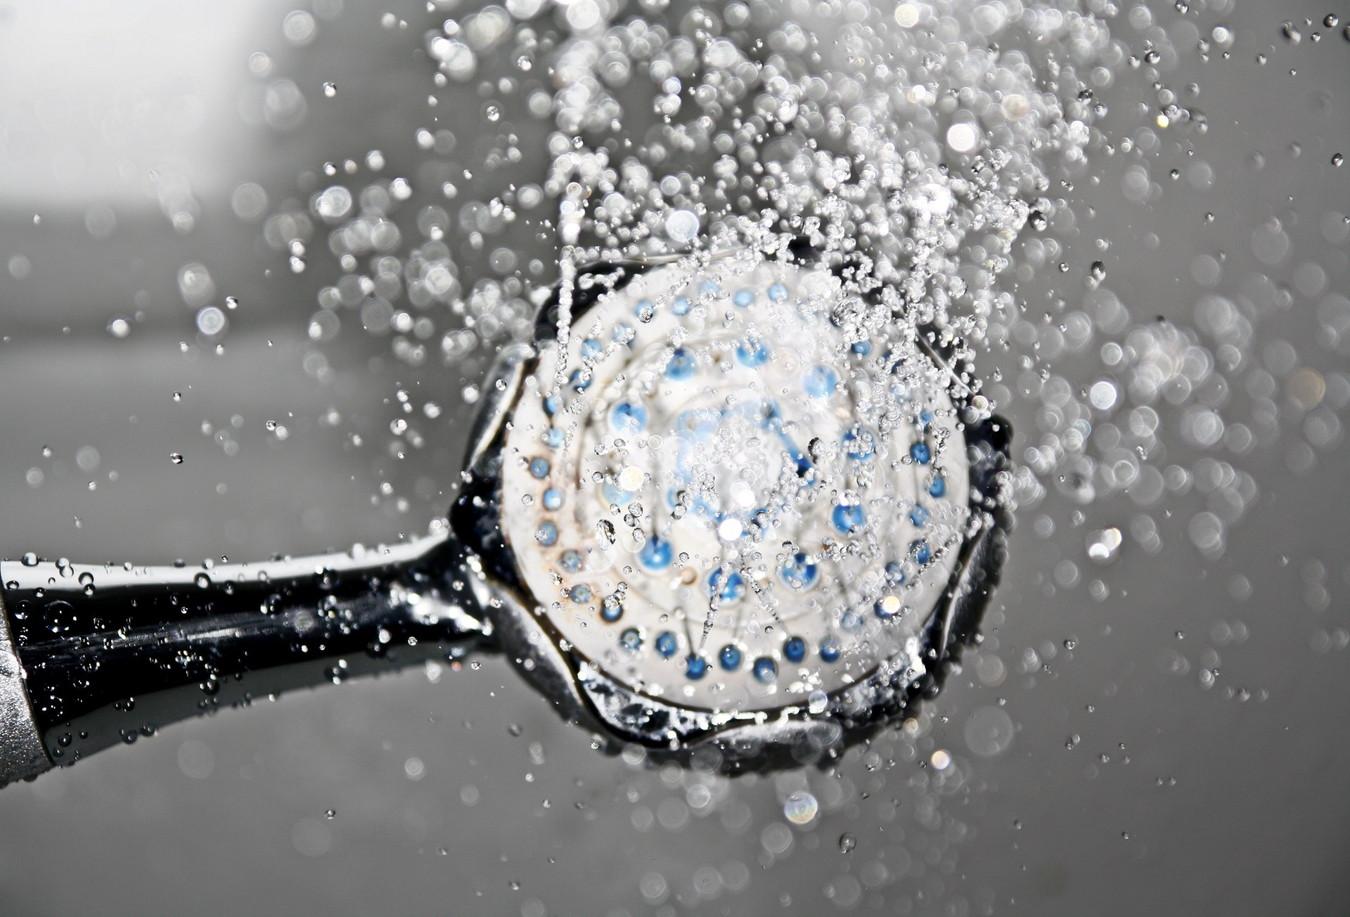 1日の充実獲得に『朝シャワー』はいかがですか?